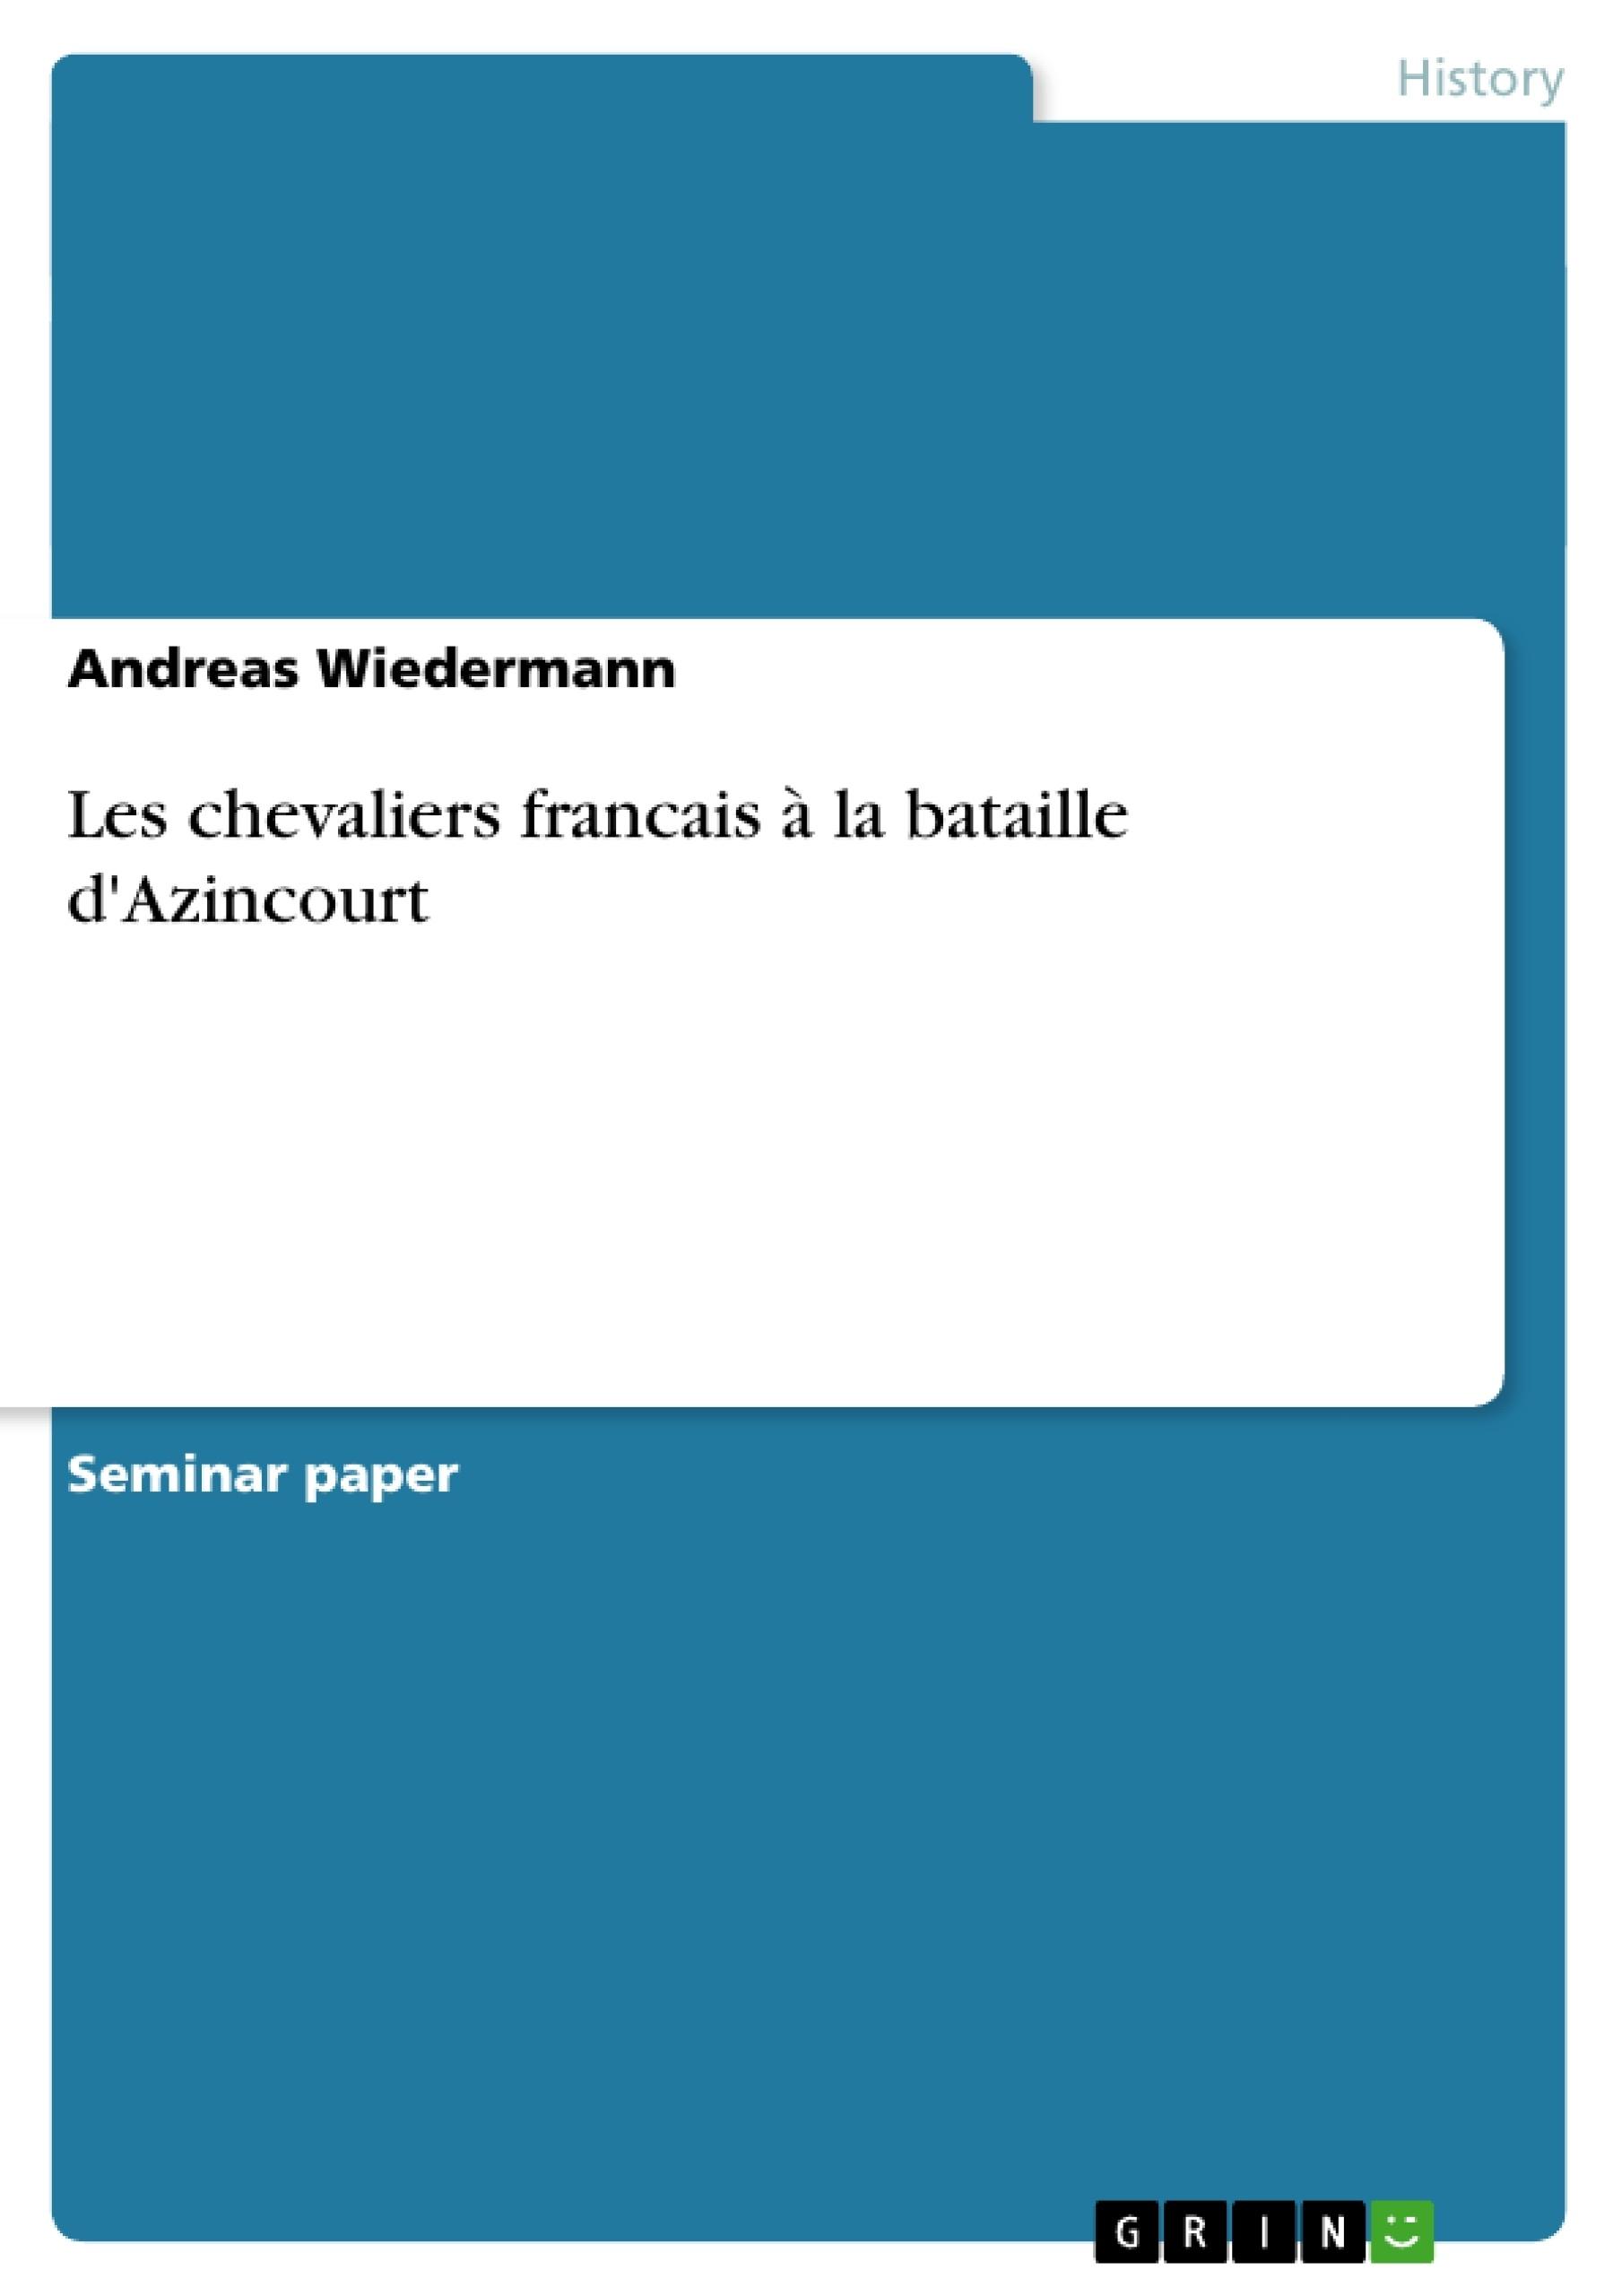 Titre: Les chevaliers francais à la bataille d'Azincourt